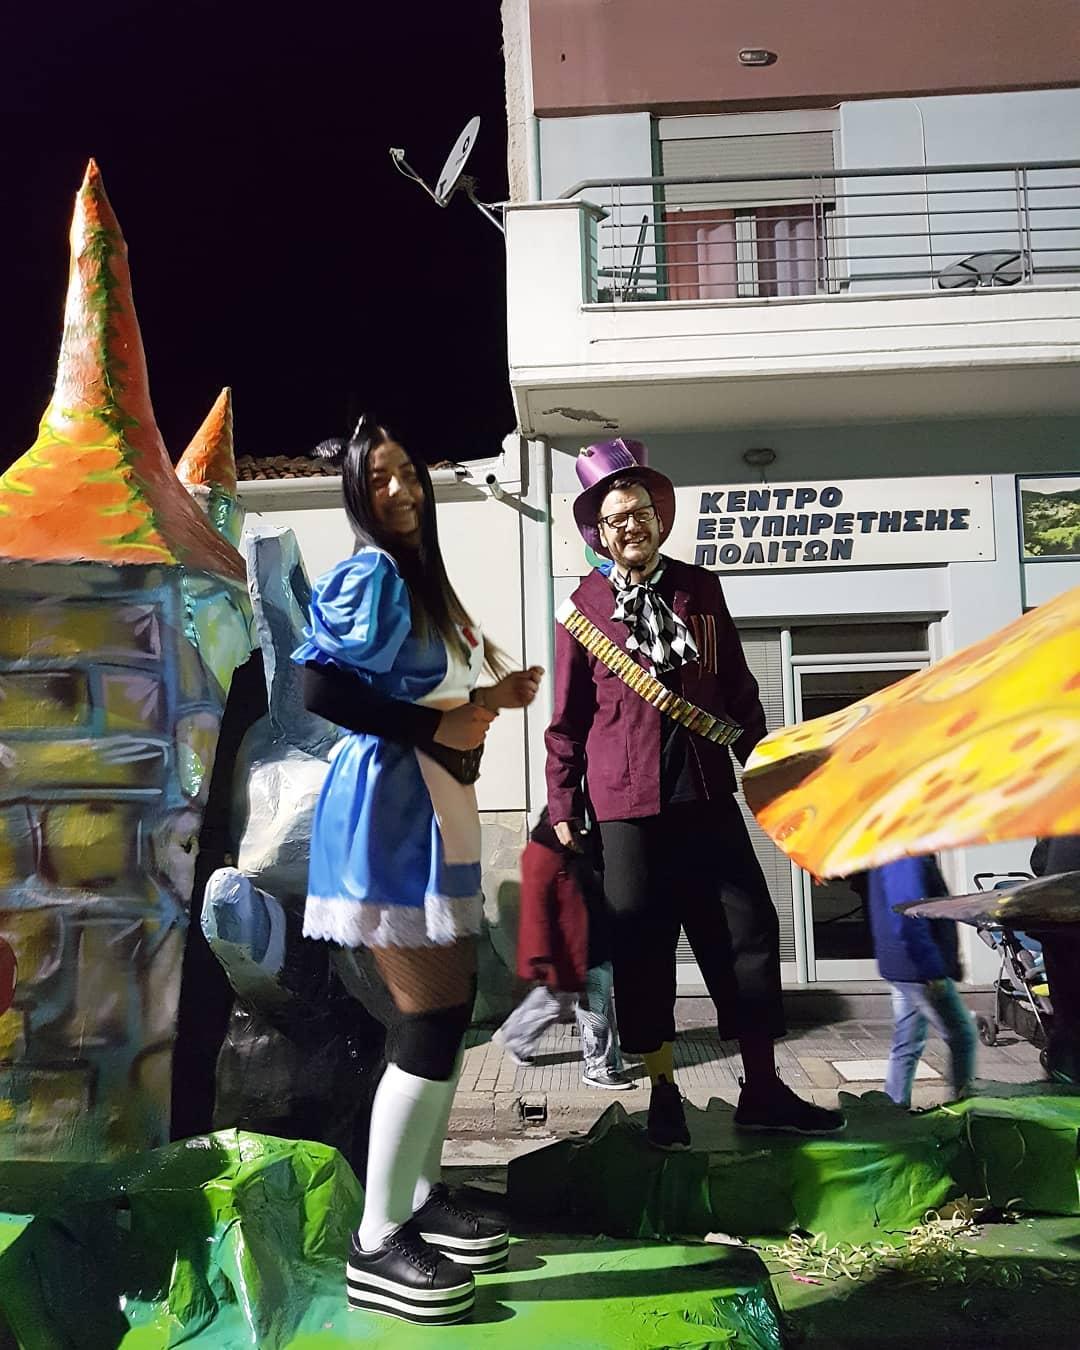 27880828 423793678054865 7325823883112611840 n - Όλα όσα έγιναν στο καρναβάλι του Τυρνάβου μέσα από το Instagram!